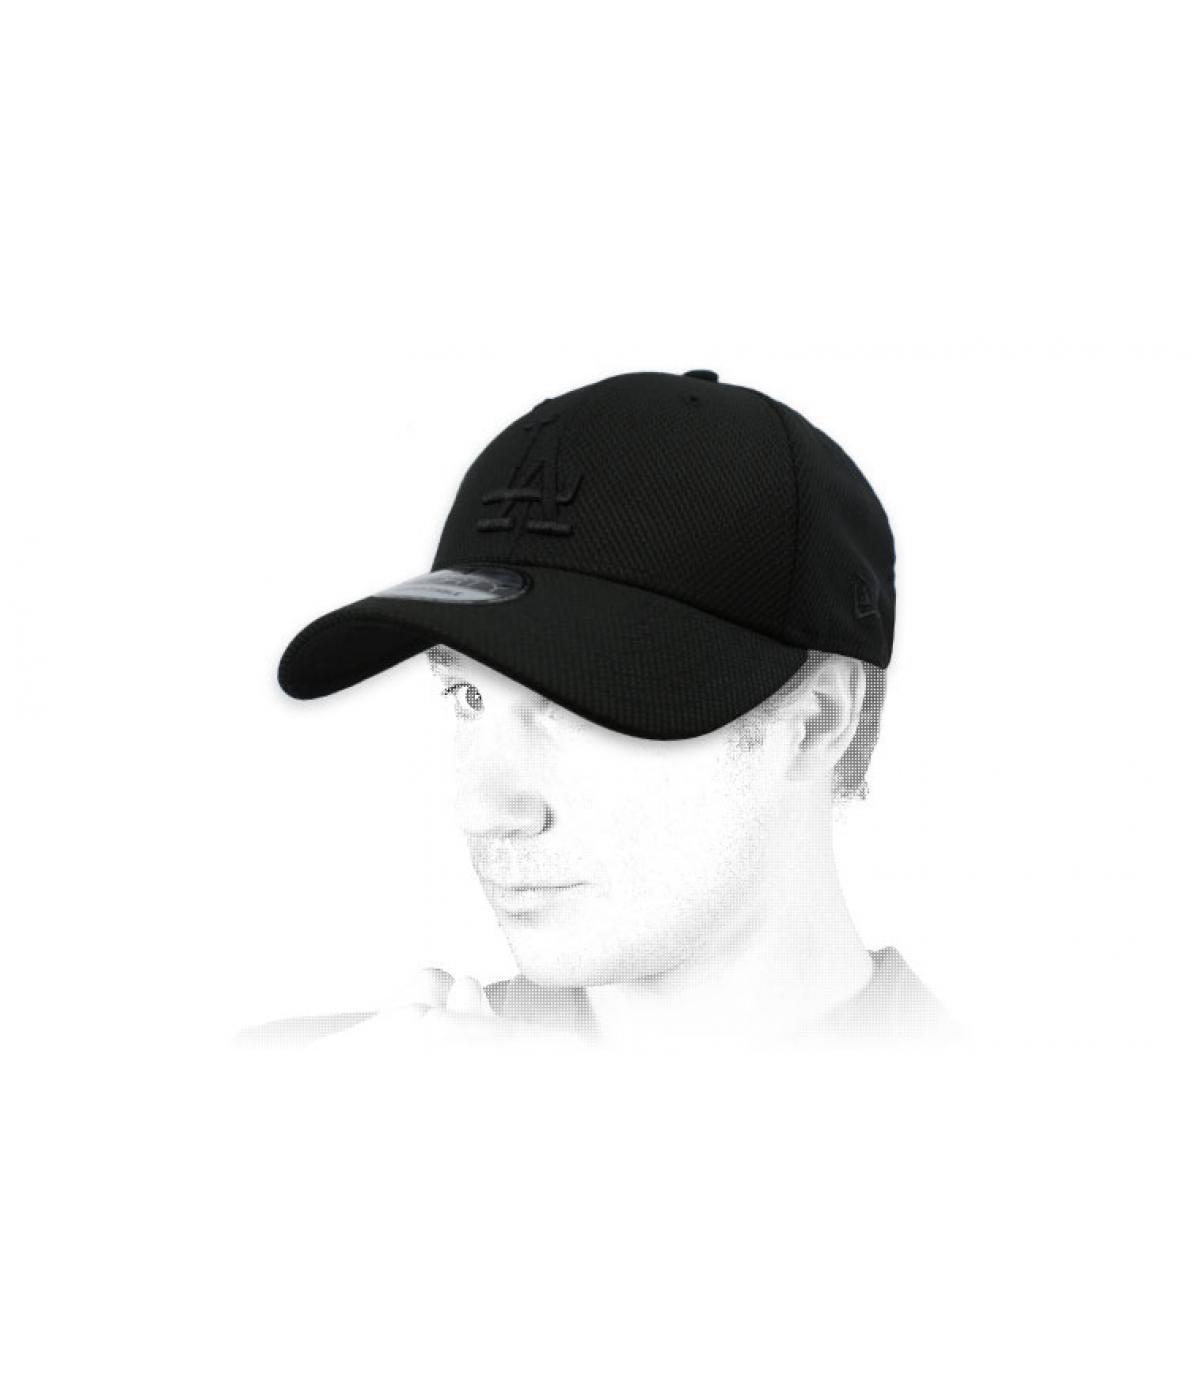 LA black diamond cap